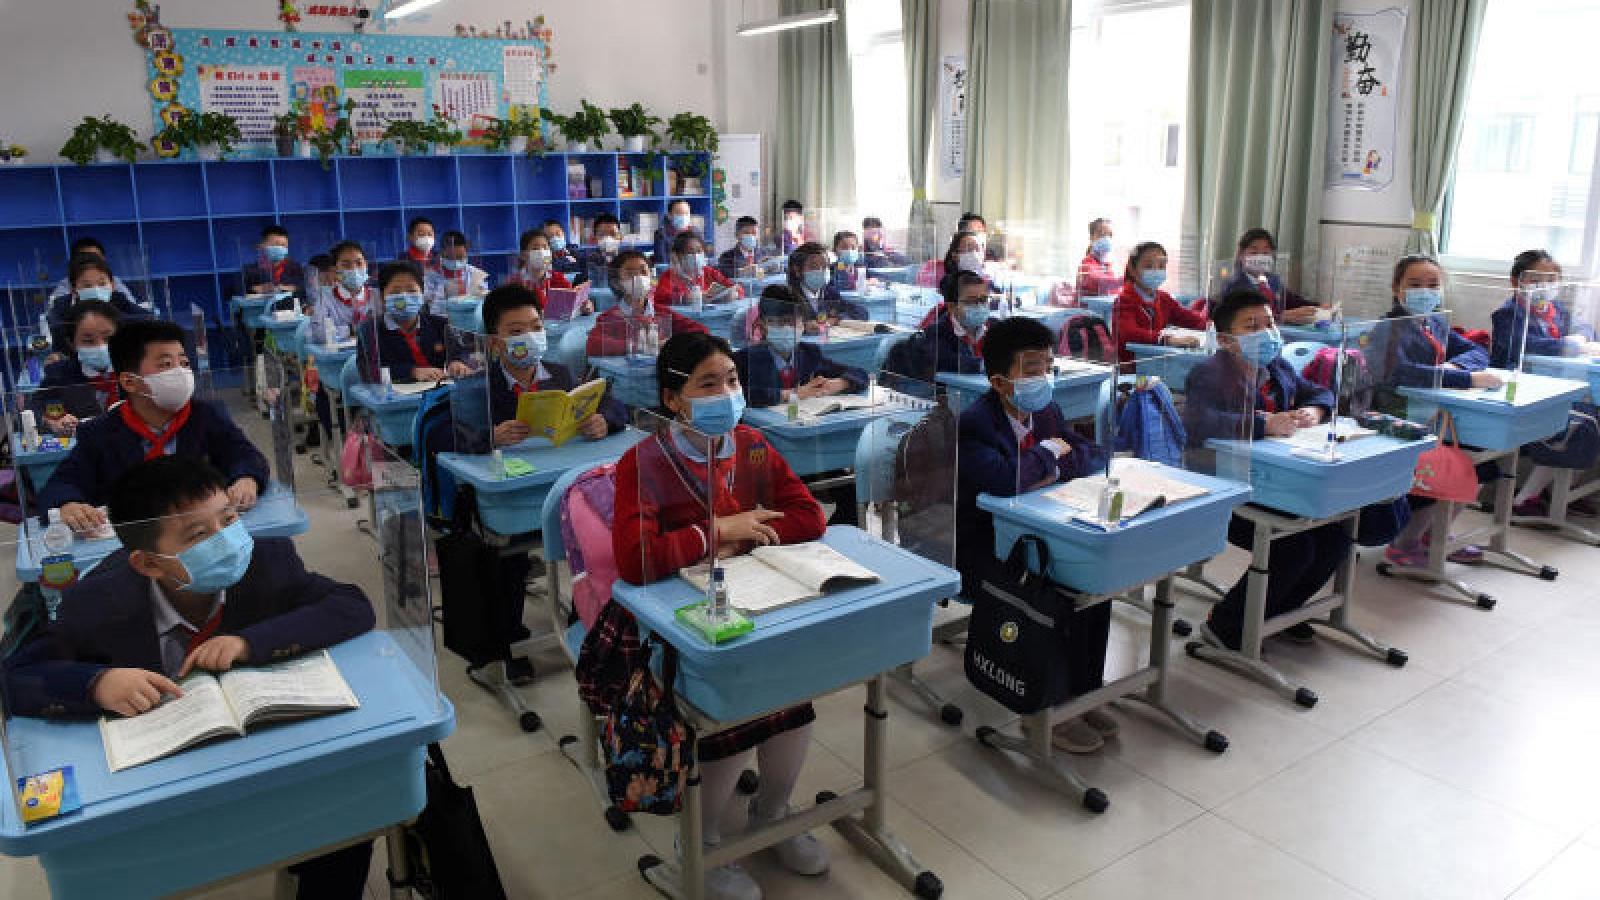 Nhật Bản cân nhắc đổi thời điểm khai giảng năm học mới sang tháng 9